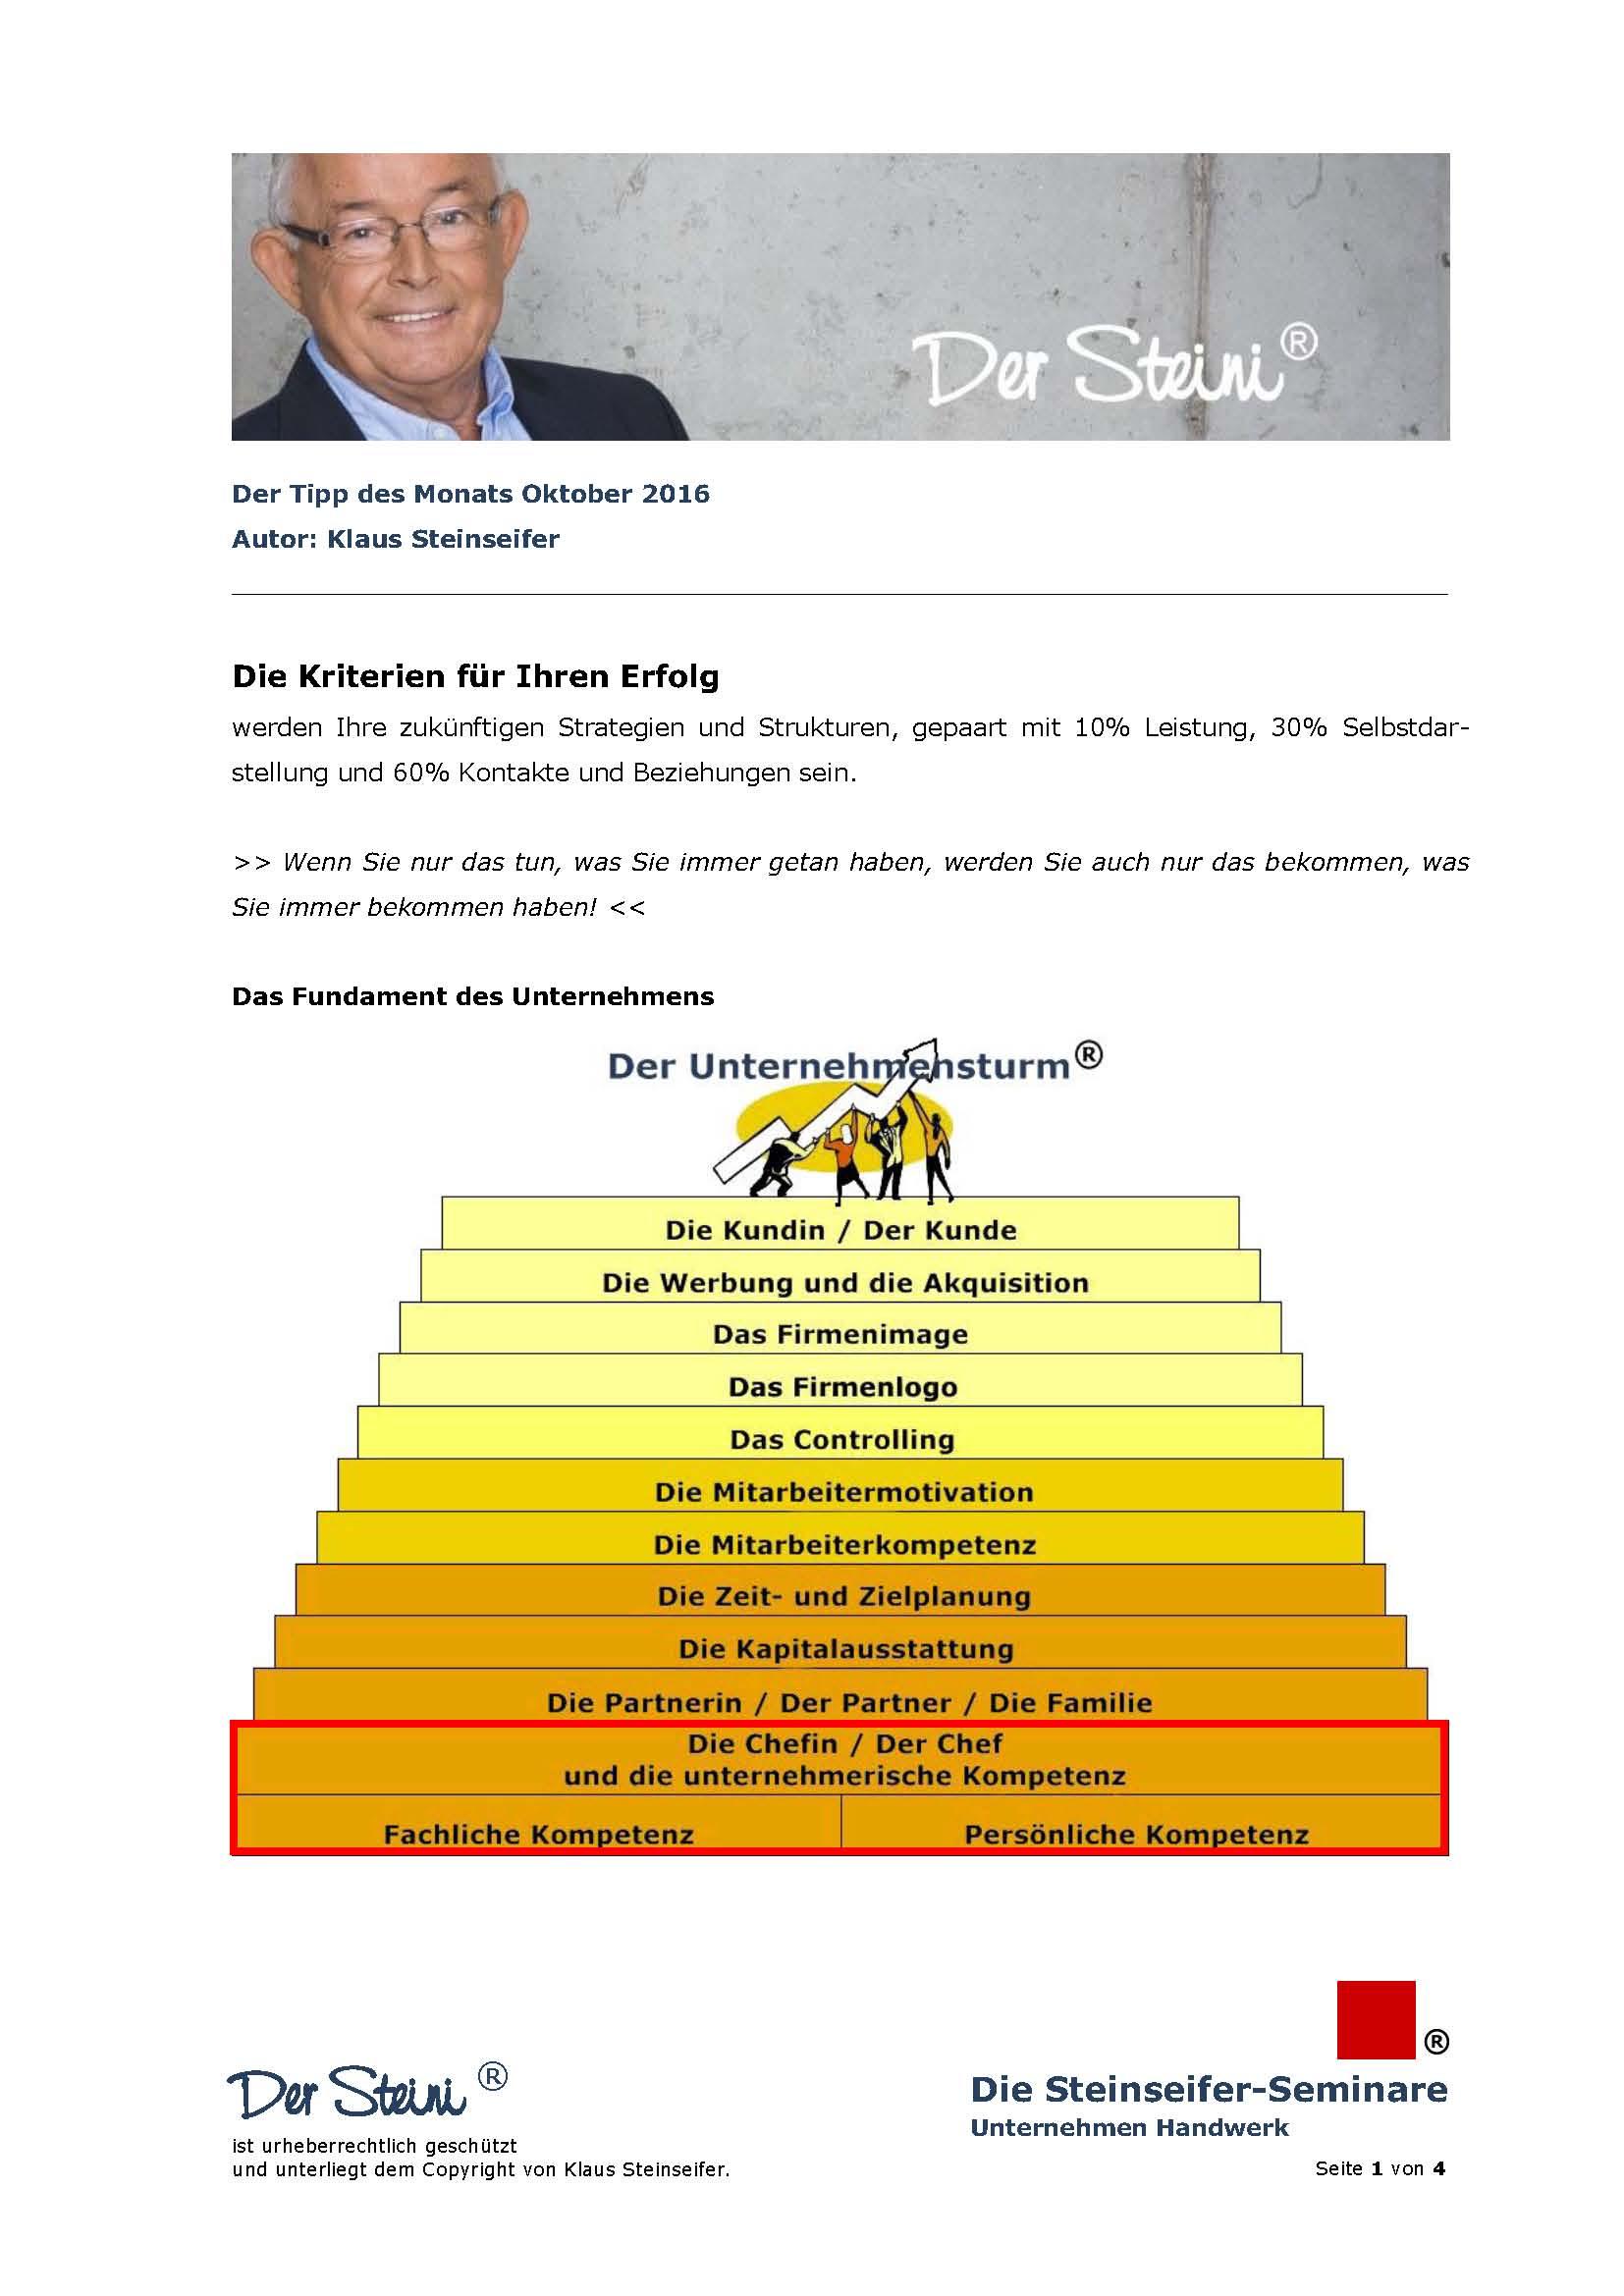 Cover zu Erfolgskriterium fachliche Kompetenz